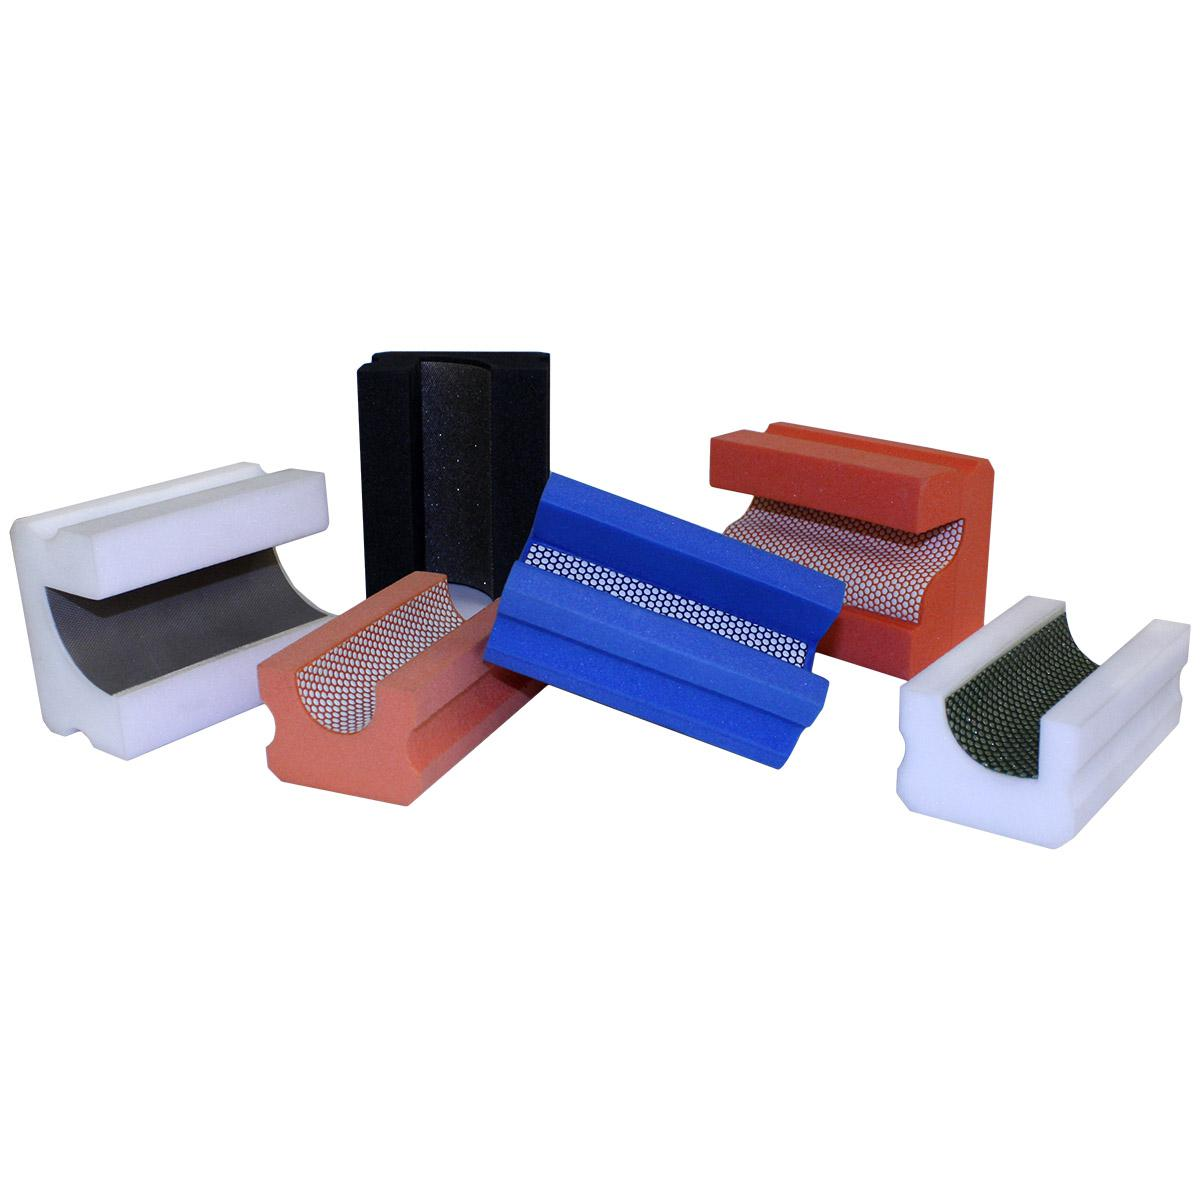 Затир ручной (профиль B) h-30 мм, зерно 8000 (оранжевая, полимер)